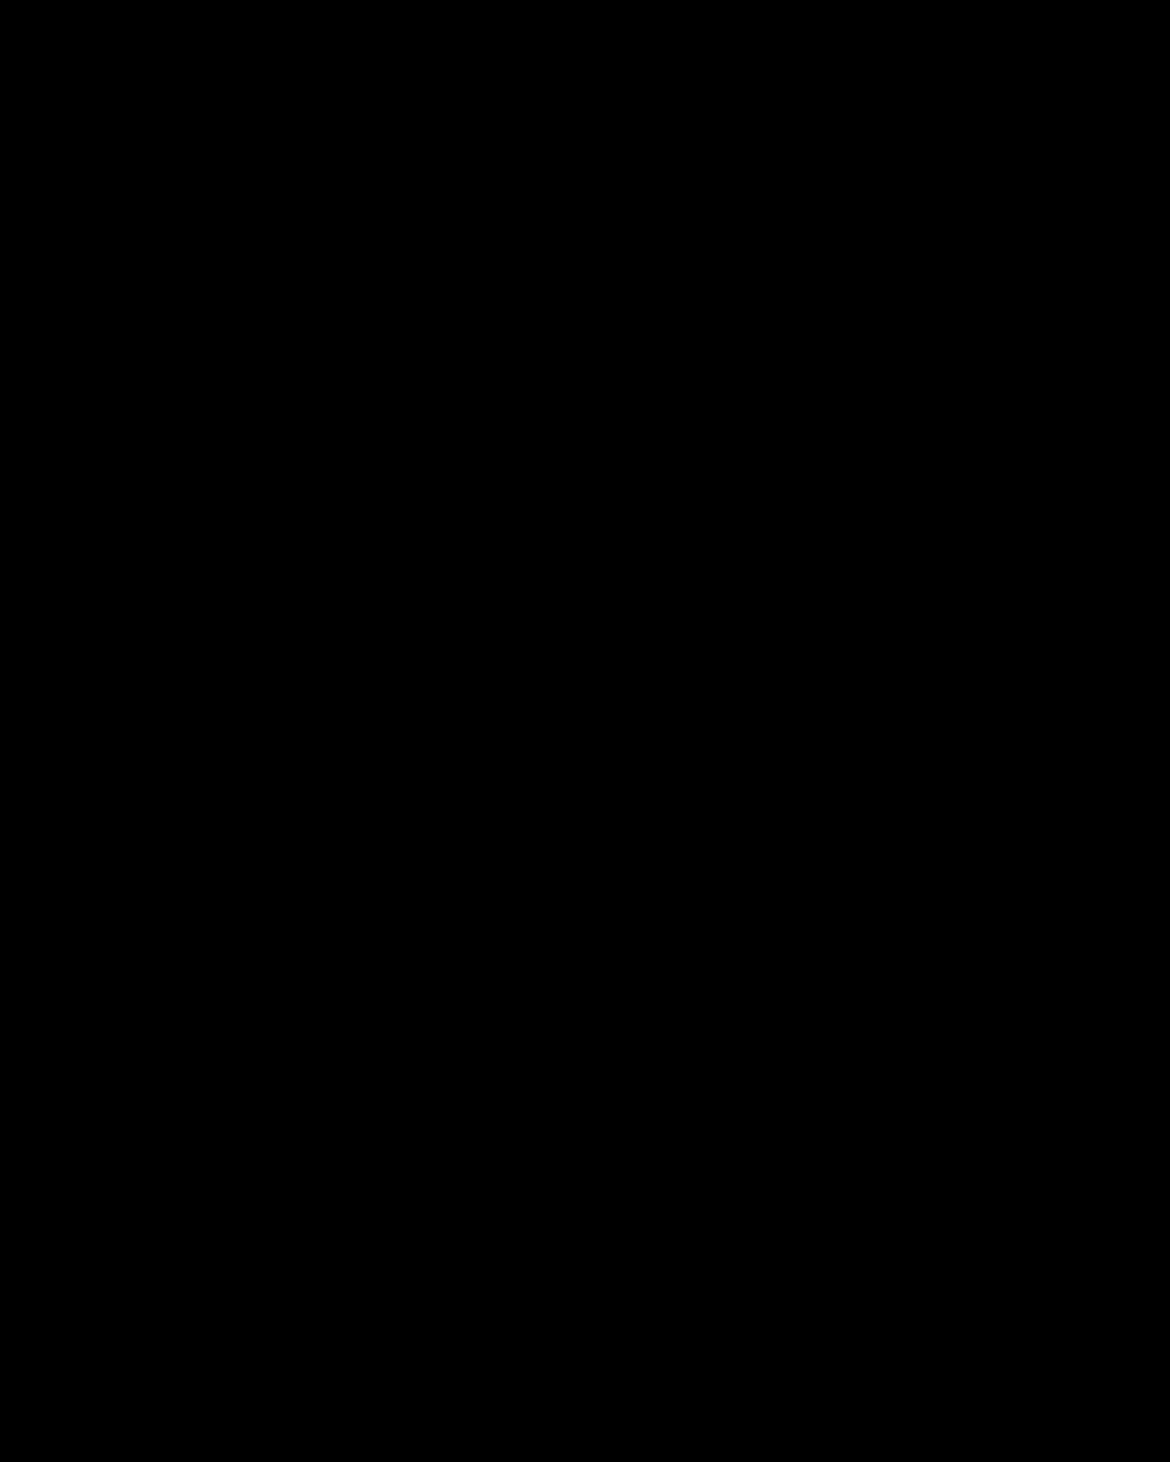 Bimbi capoverdiani a Santa Maria - Laura Comolli a Capo Verde, Isola di Sal: 8 cose da fare e vedere